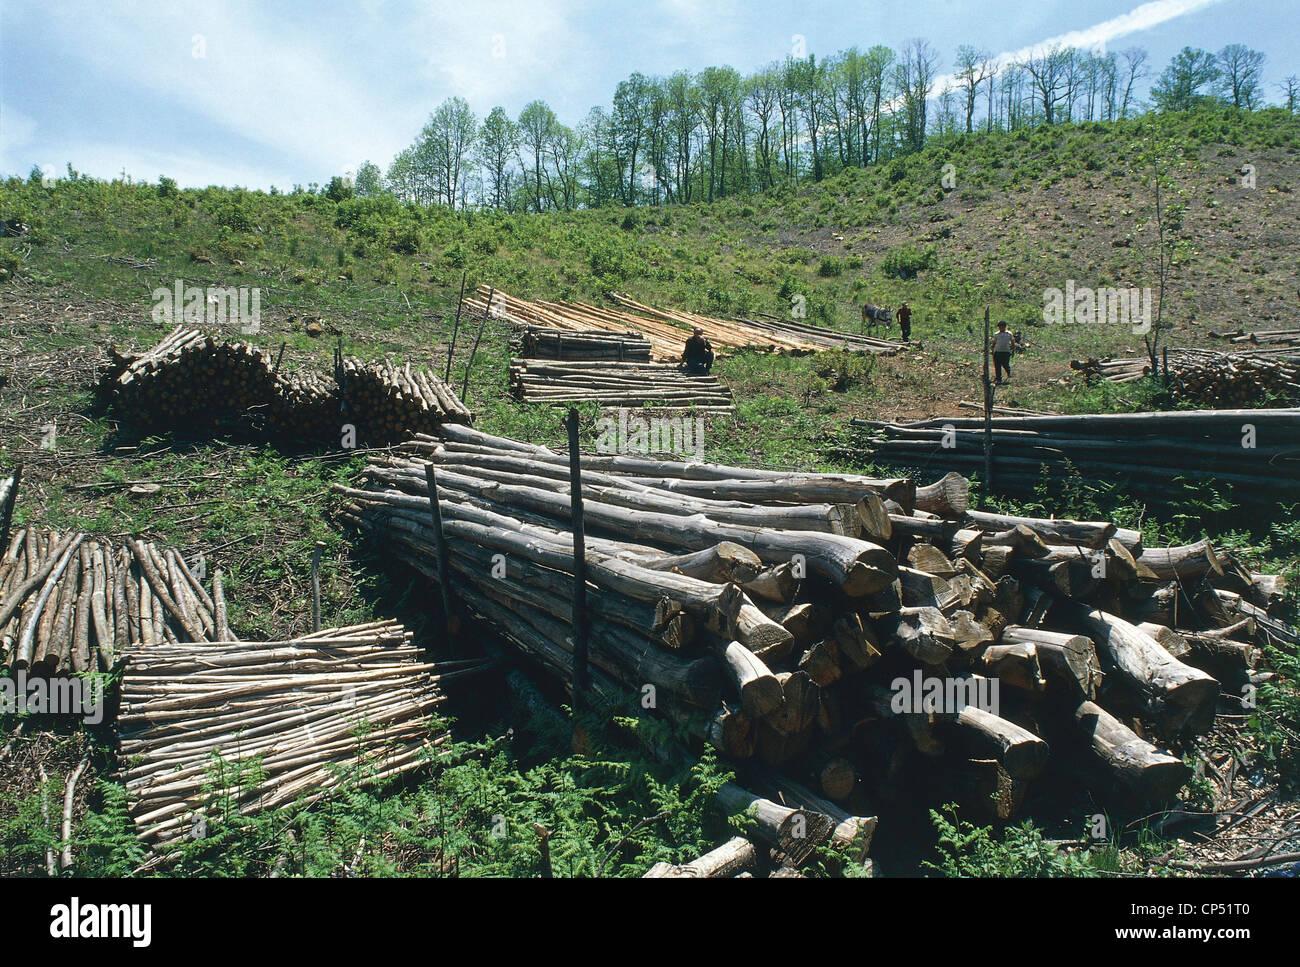 Calabria - Sila Piccola (Cz). La deforestación. Imagen De Stock